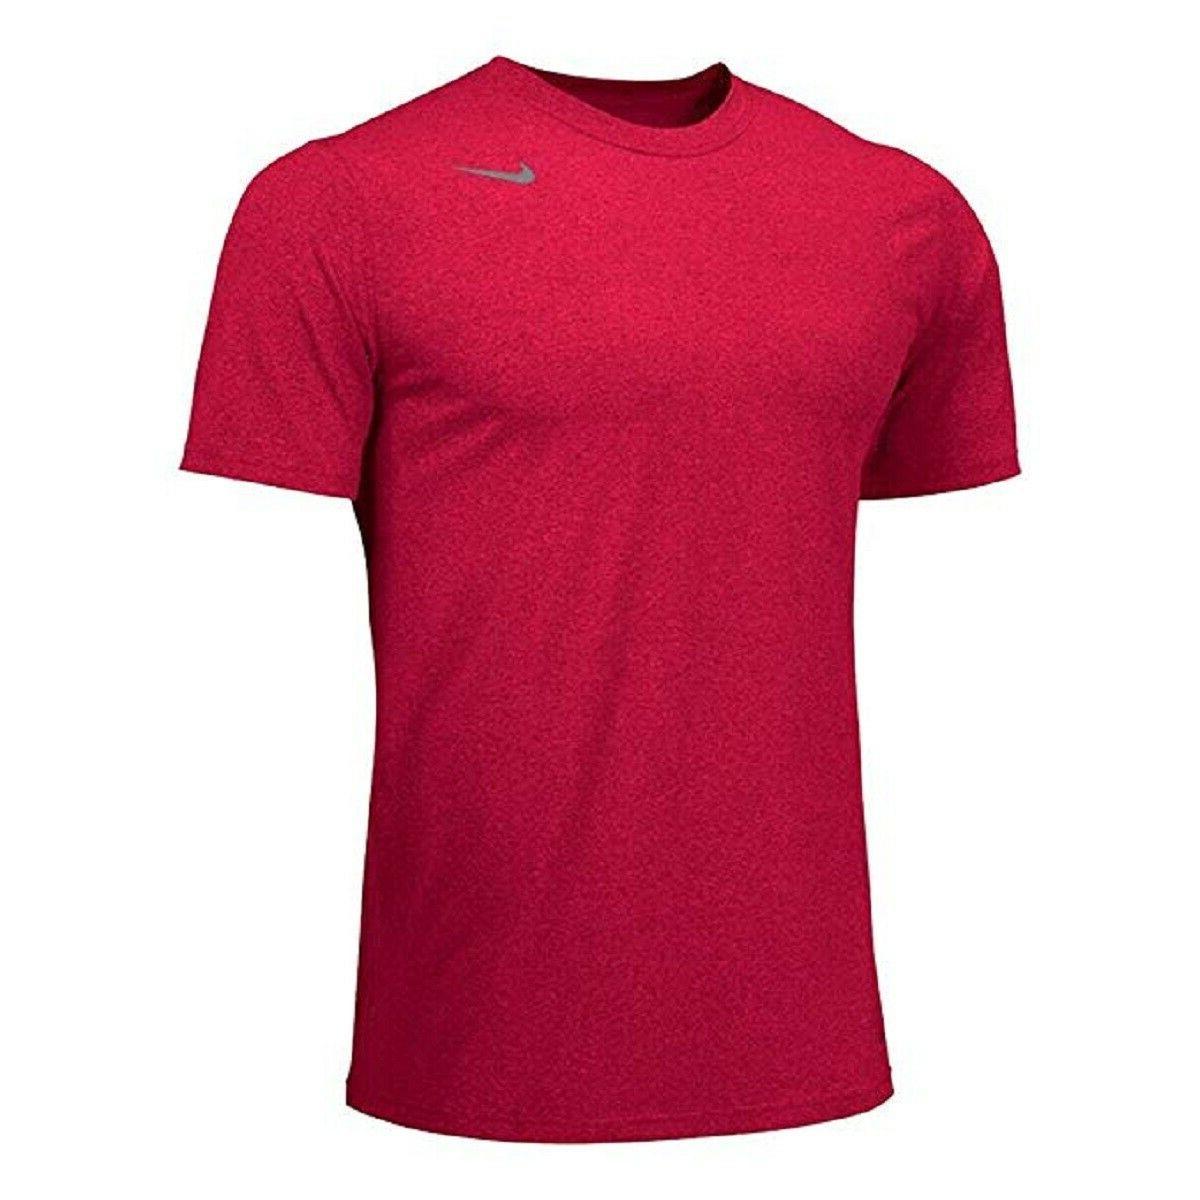 NIKE Men's Short Sleeve T